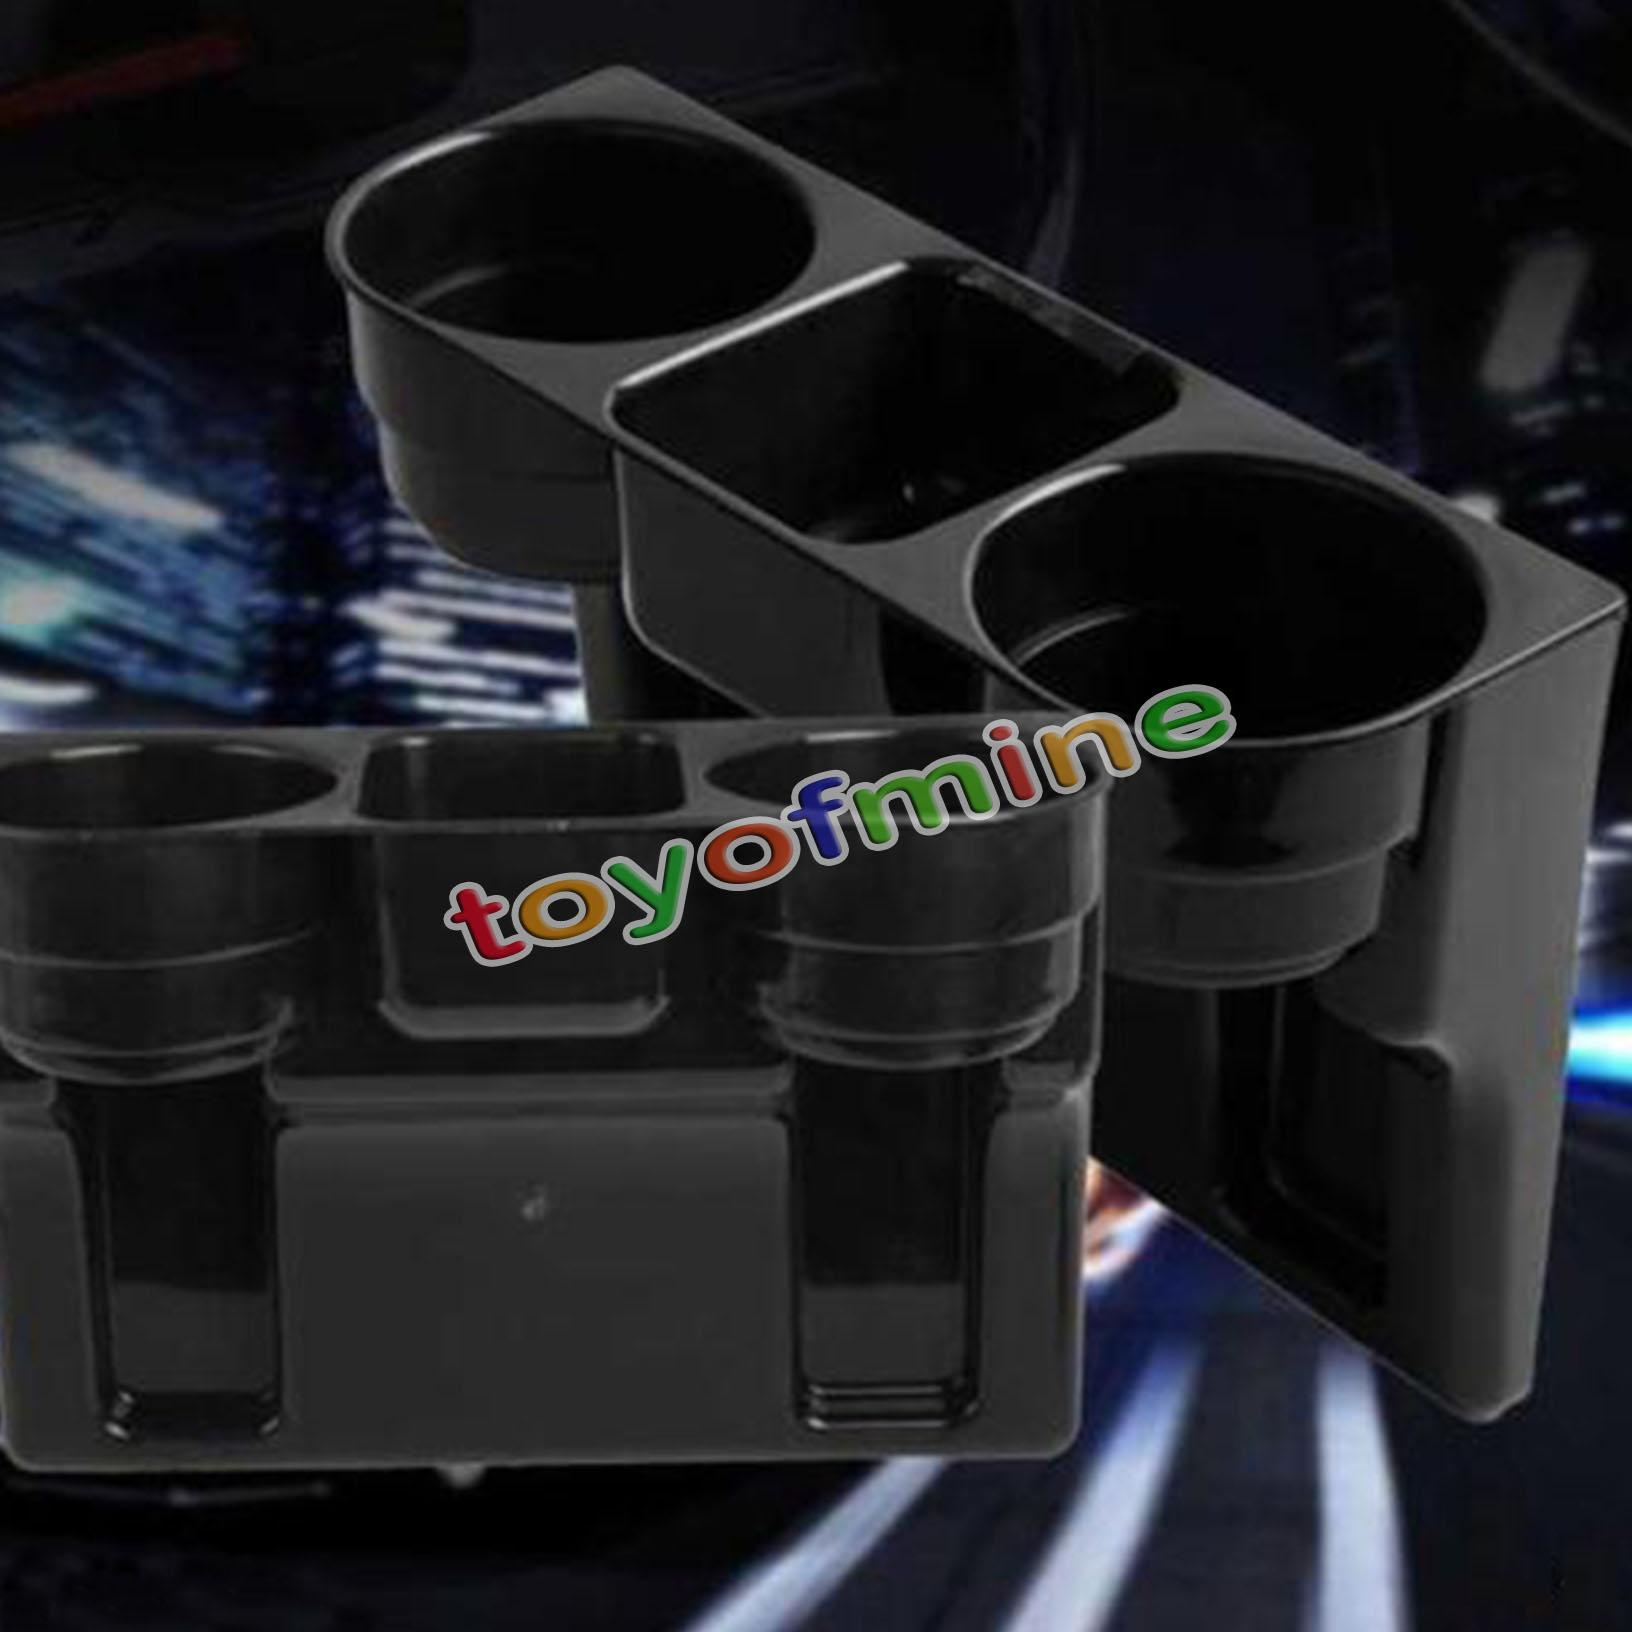 universal car seat drink cup holder valet travel coffee bottle food mount stan ebay. Black Bedroom Furniture Sets. Home Design Ideas